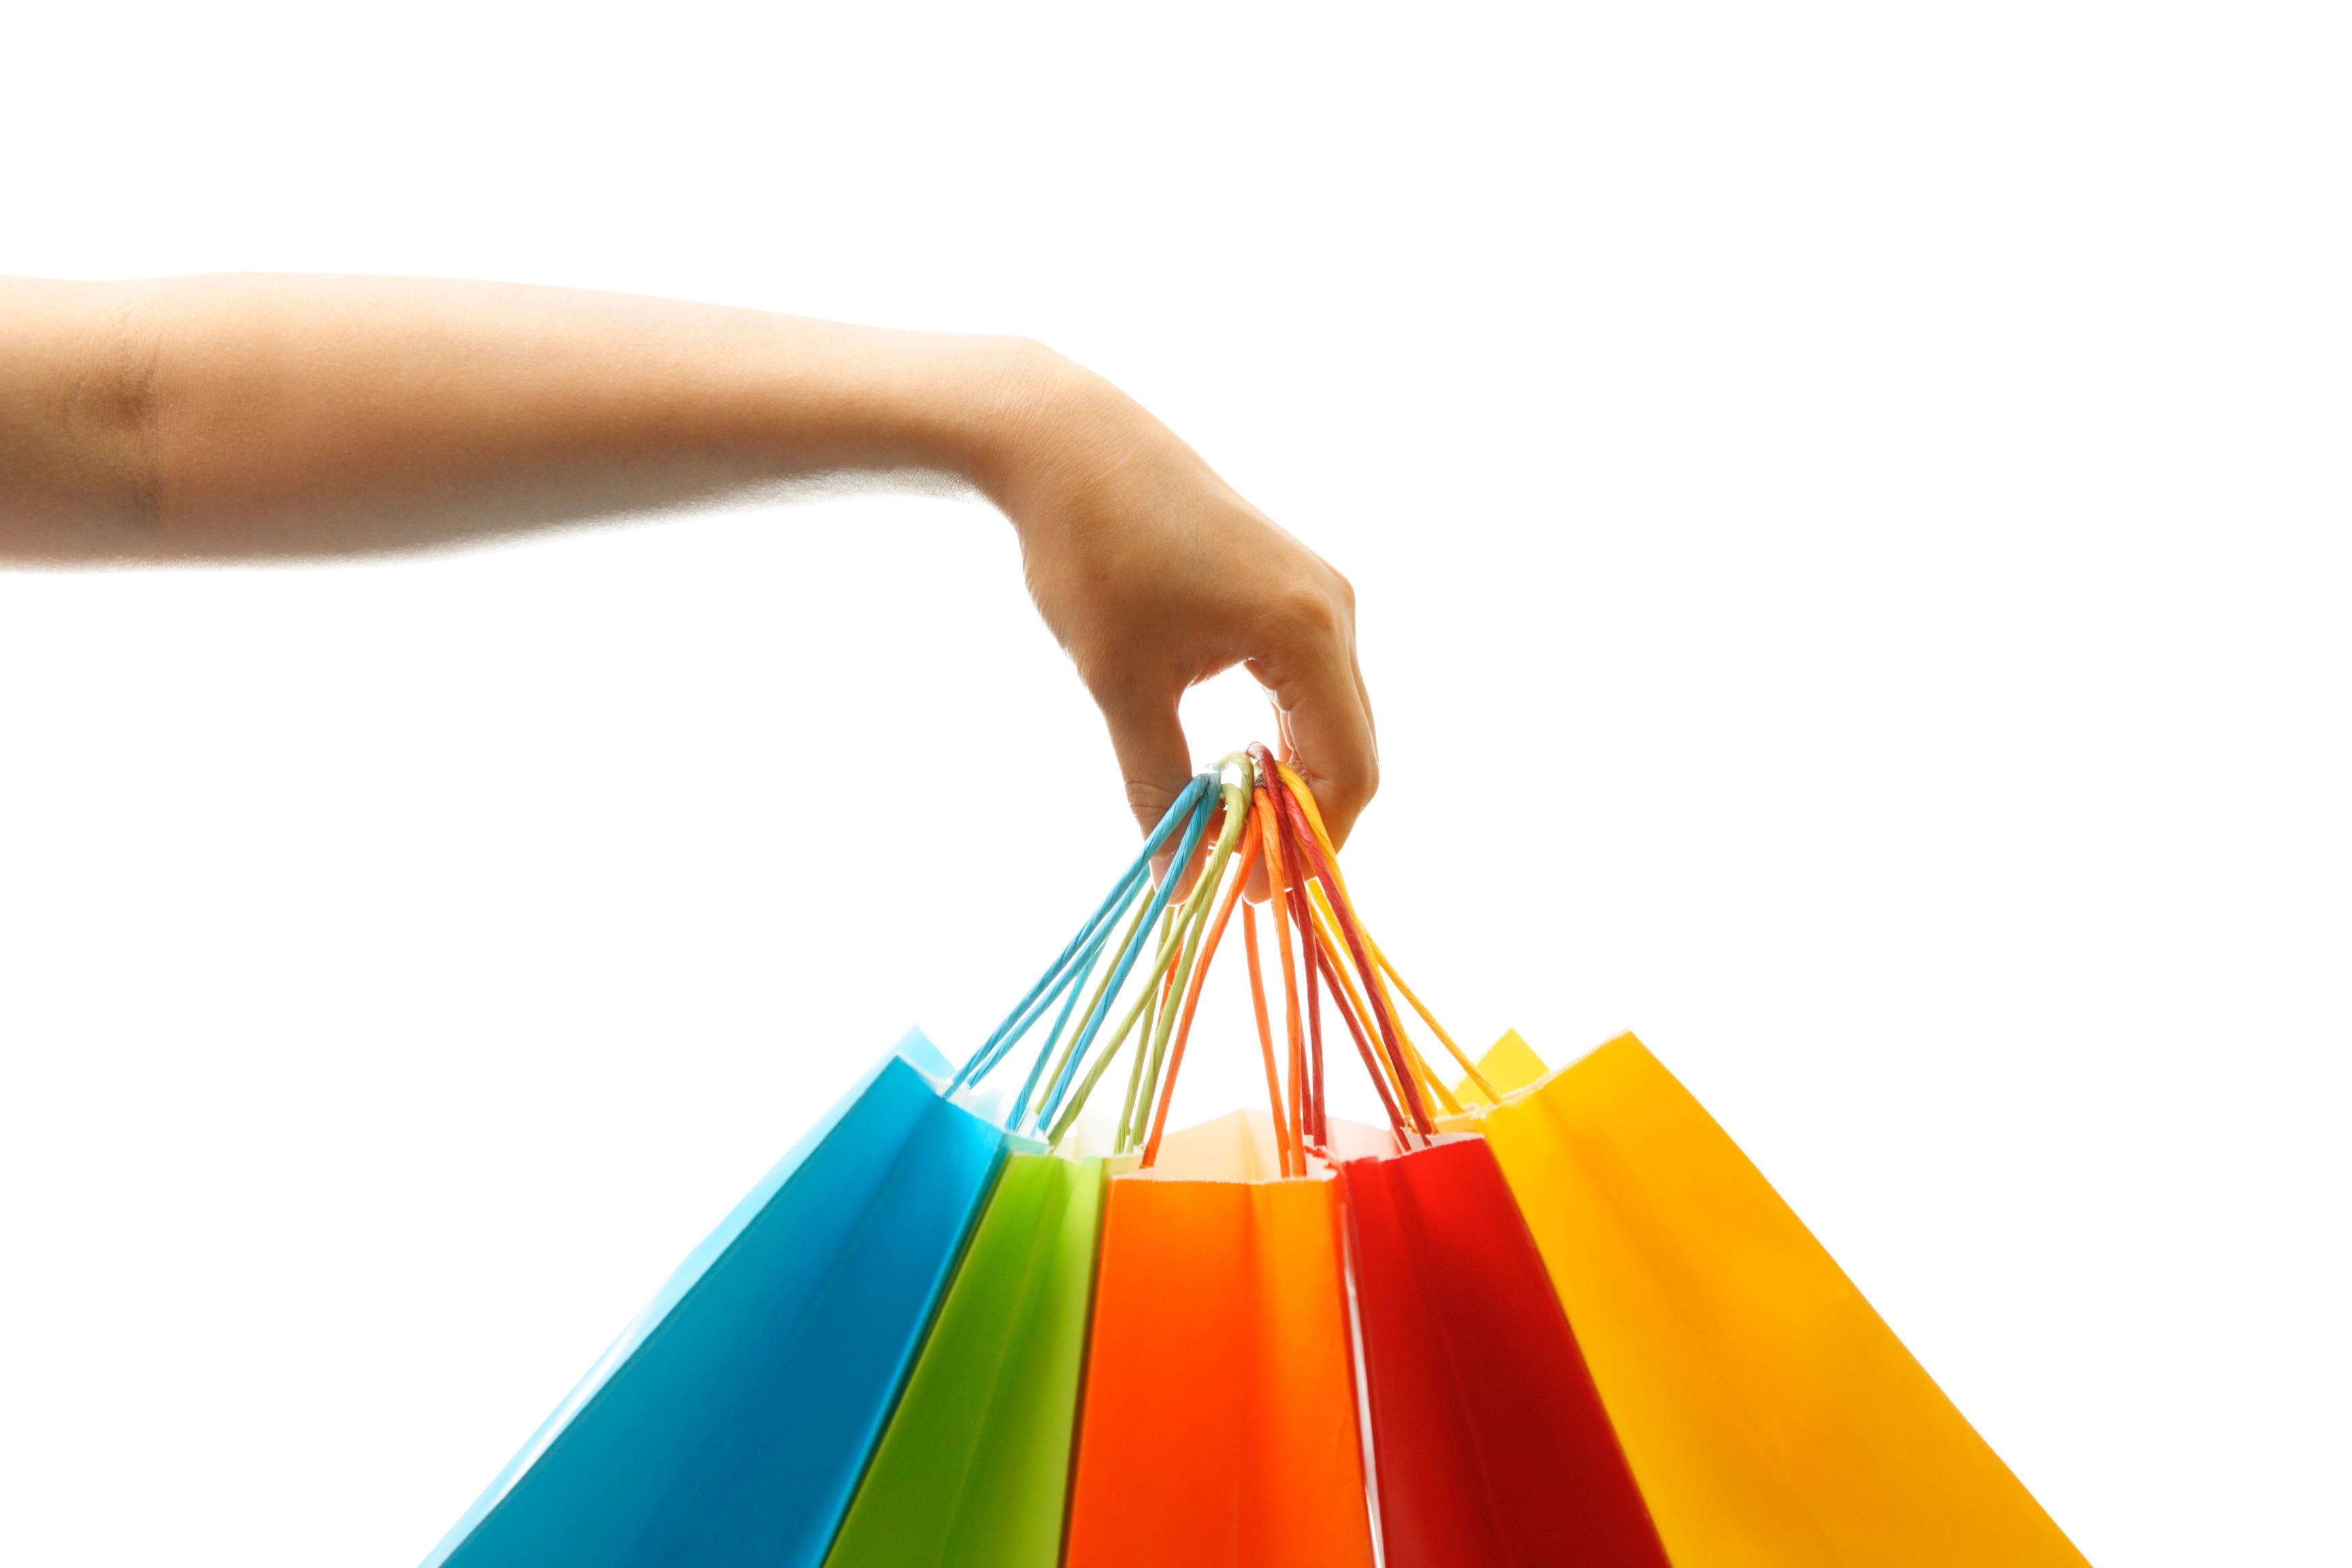 corso addetto alle vendite consorzio desio brianza